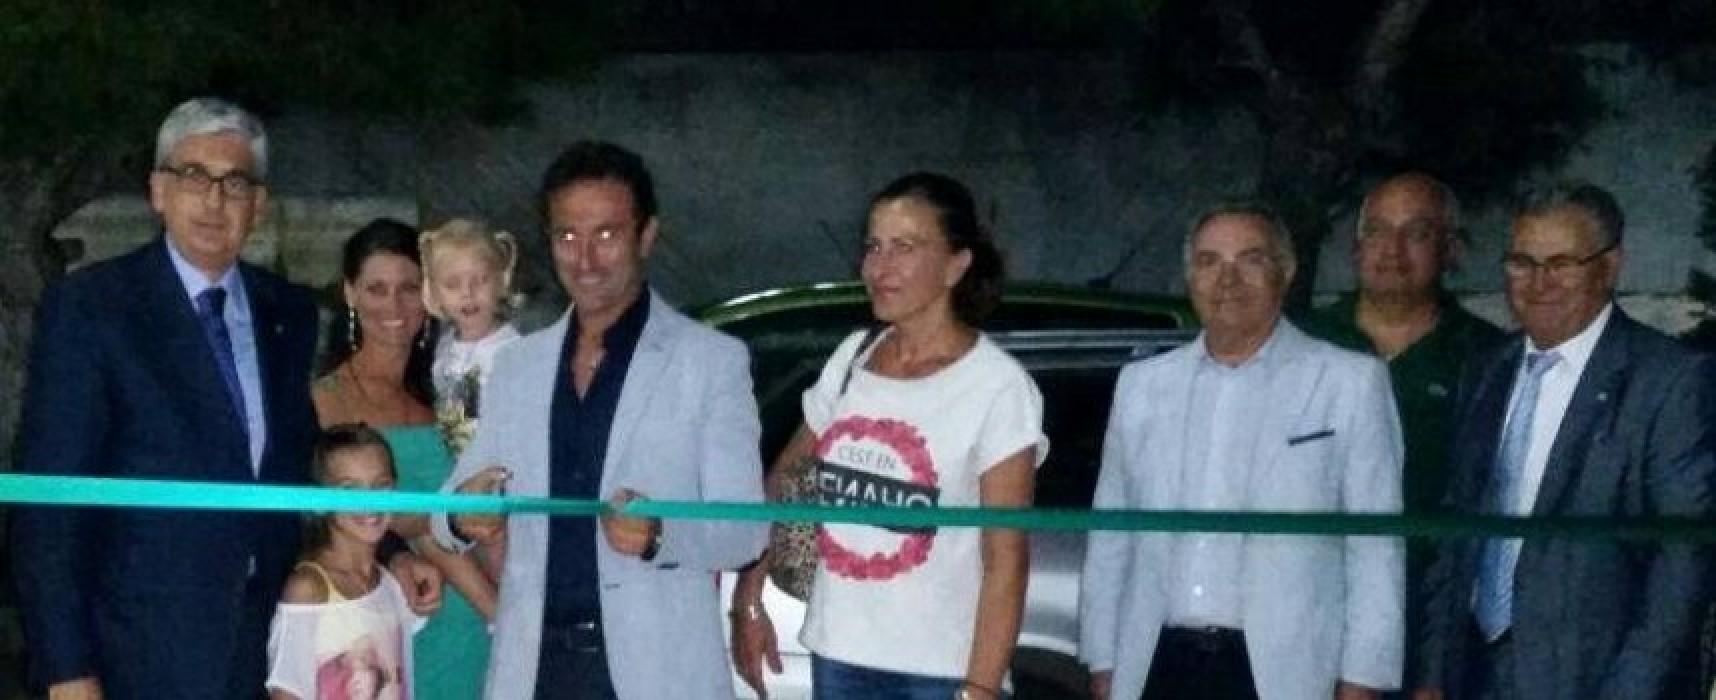 Ospiti d'onore per l'inaugurazione della nuova casa del Nettuno C5